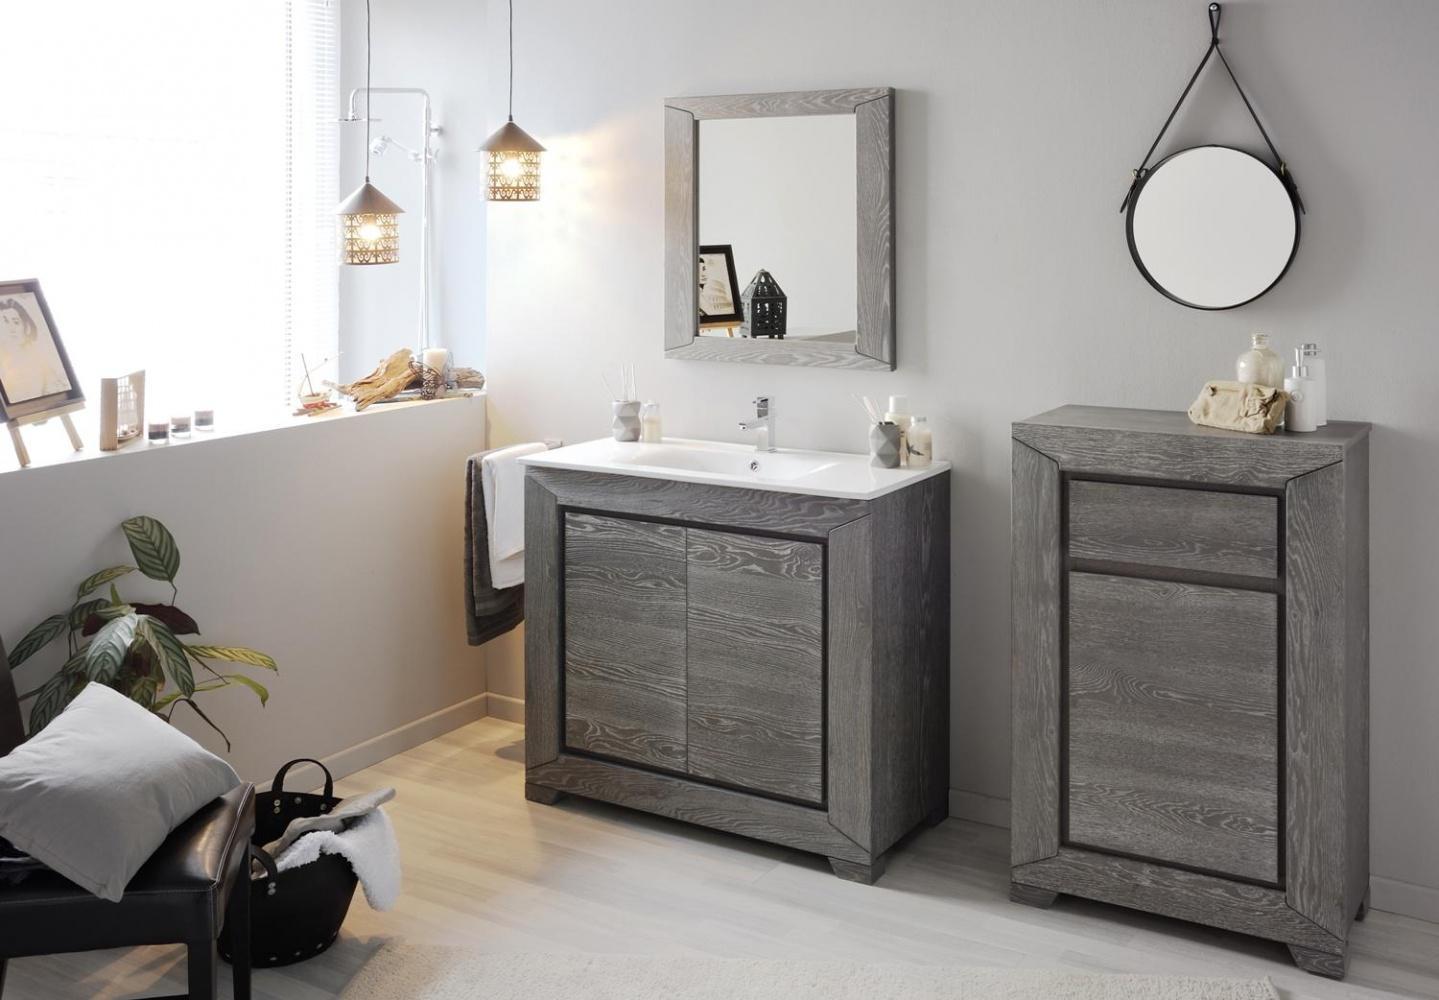 Badmöbel Set Tasso in Grau Eiche Dekor 4-teilig - Kaufen bei Möbel-Lux